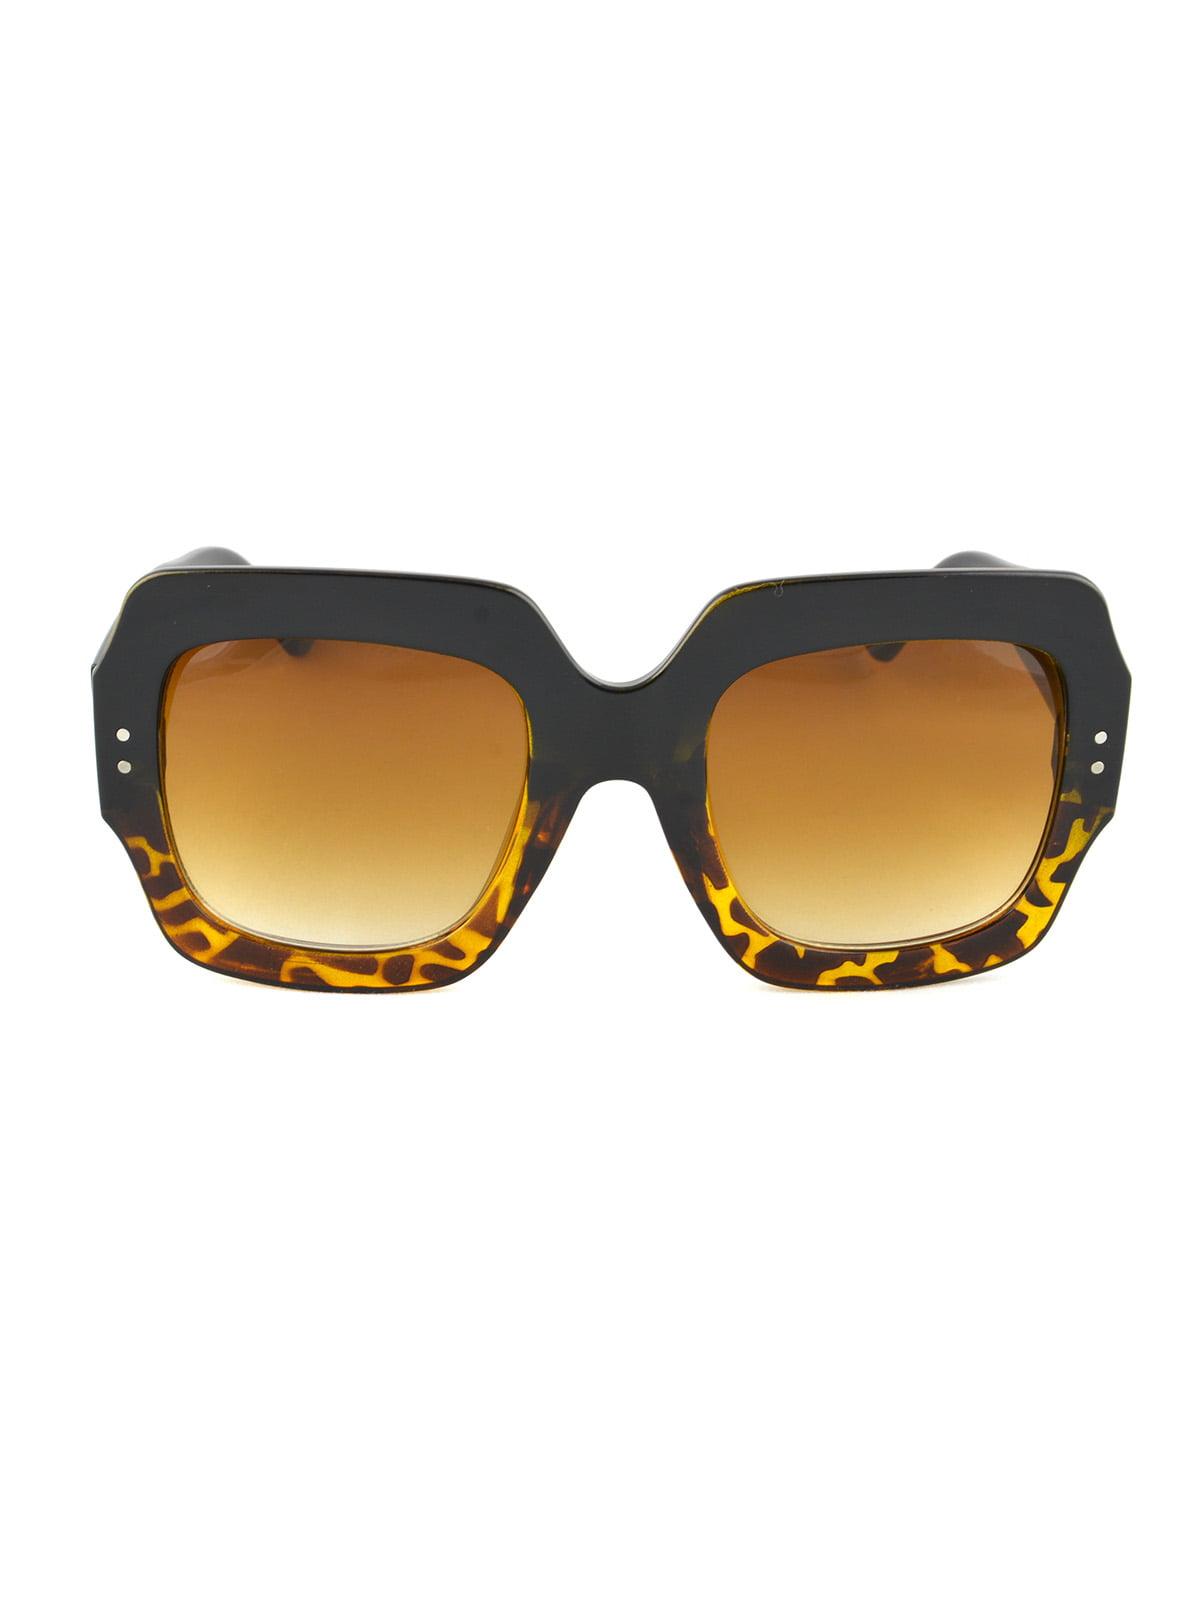 Очки солнцезащитные | 4885282 | фото 2